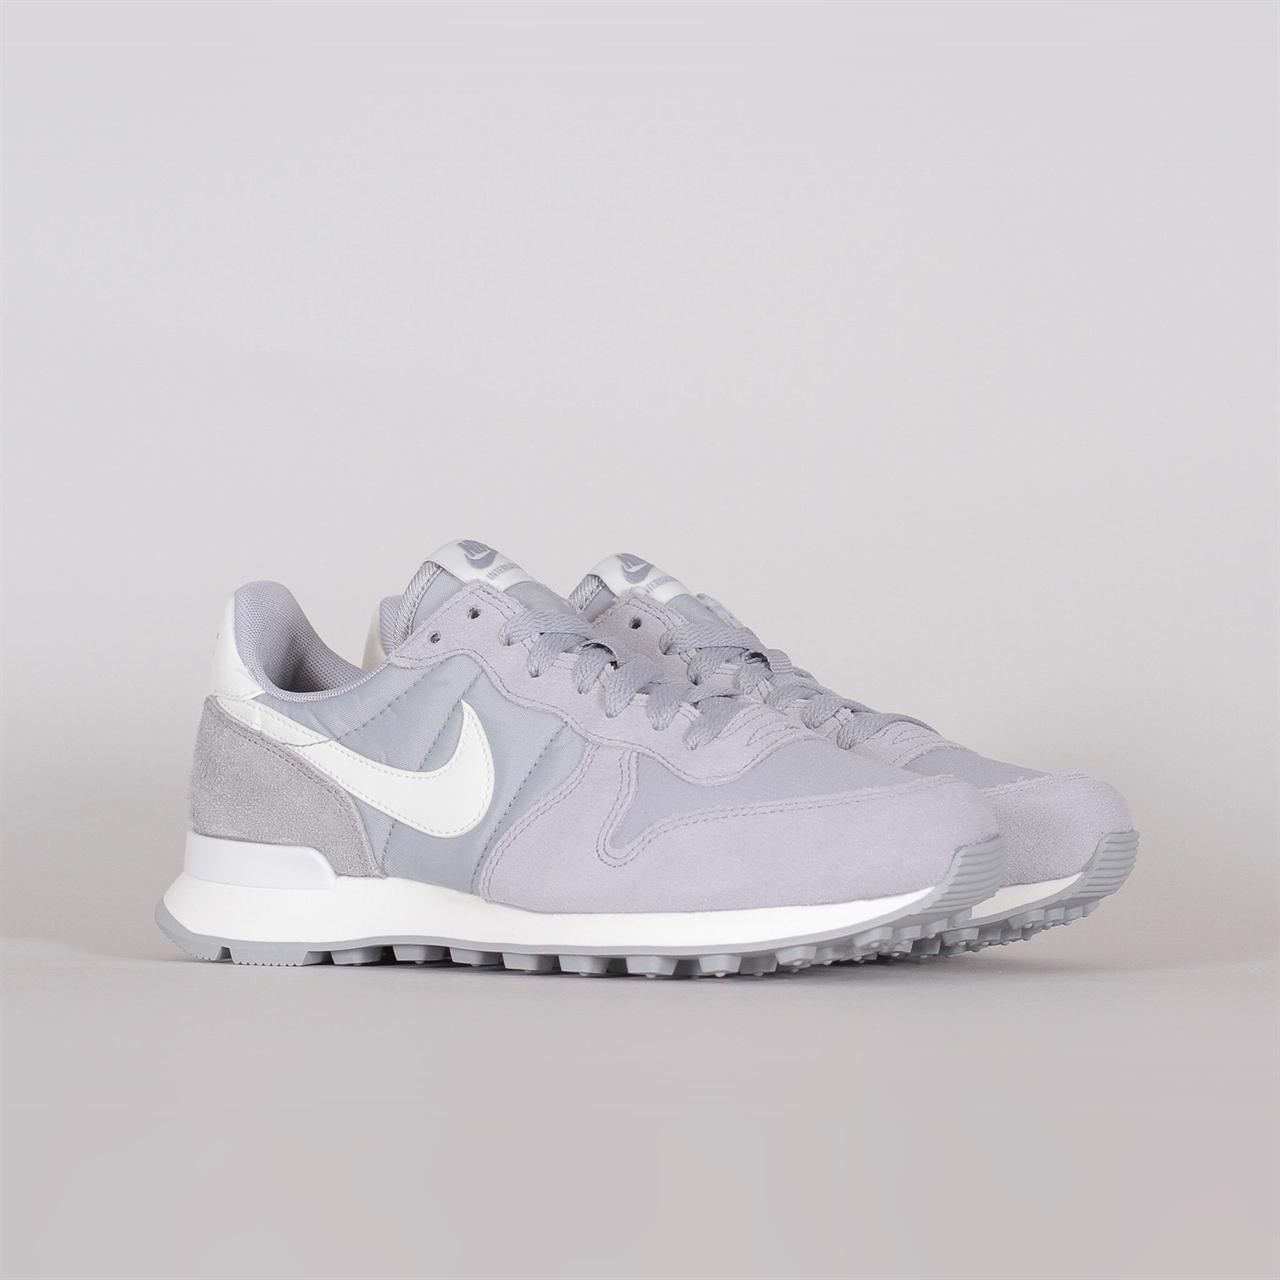 6b2d5d3f52fc Shelta - Nike Sportswear Womens Internationalist (828407-023)